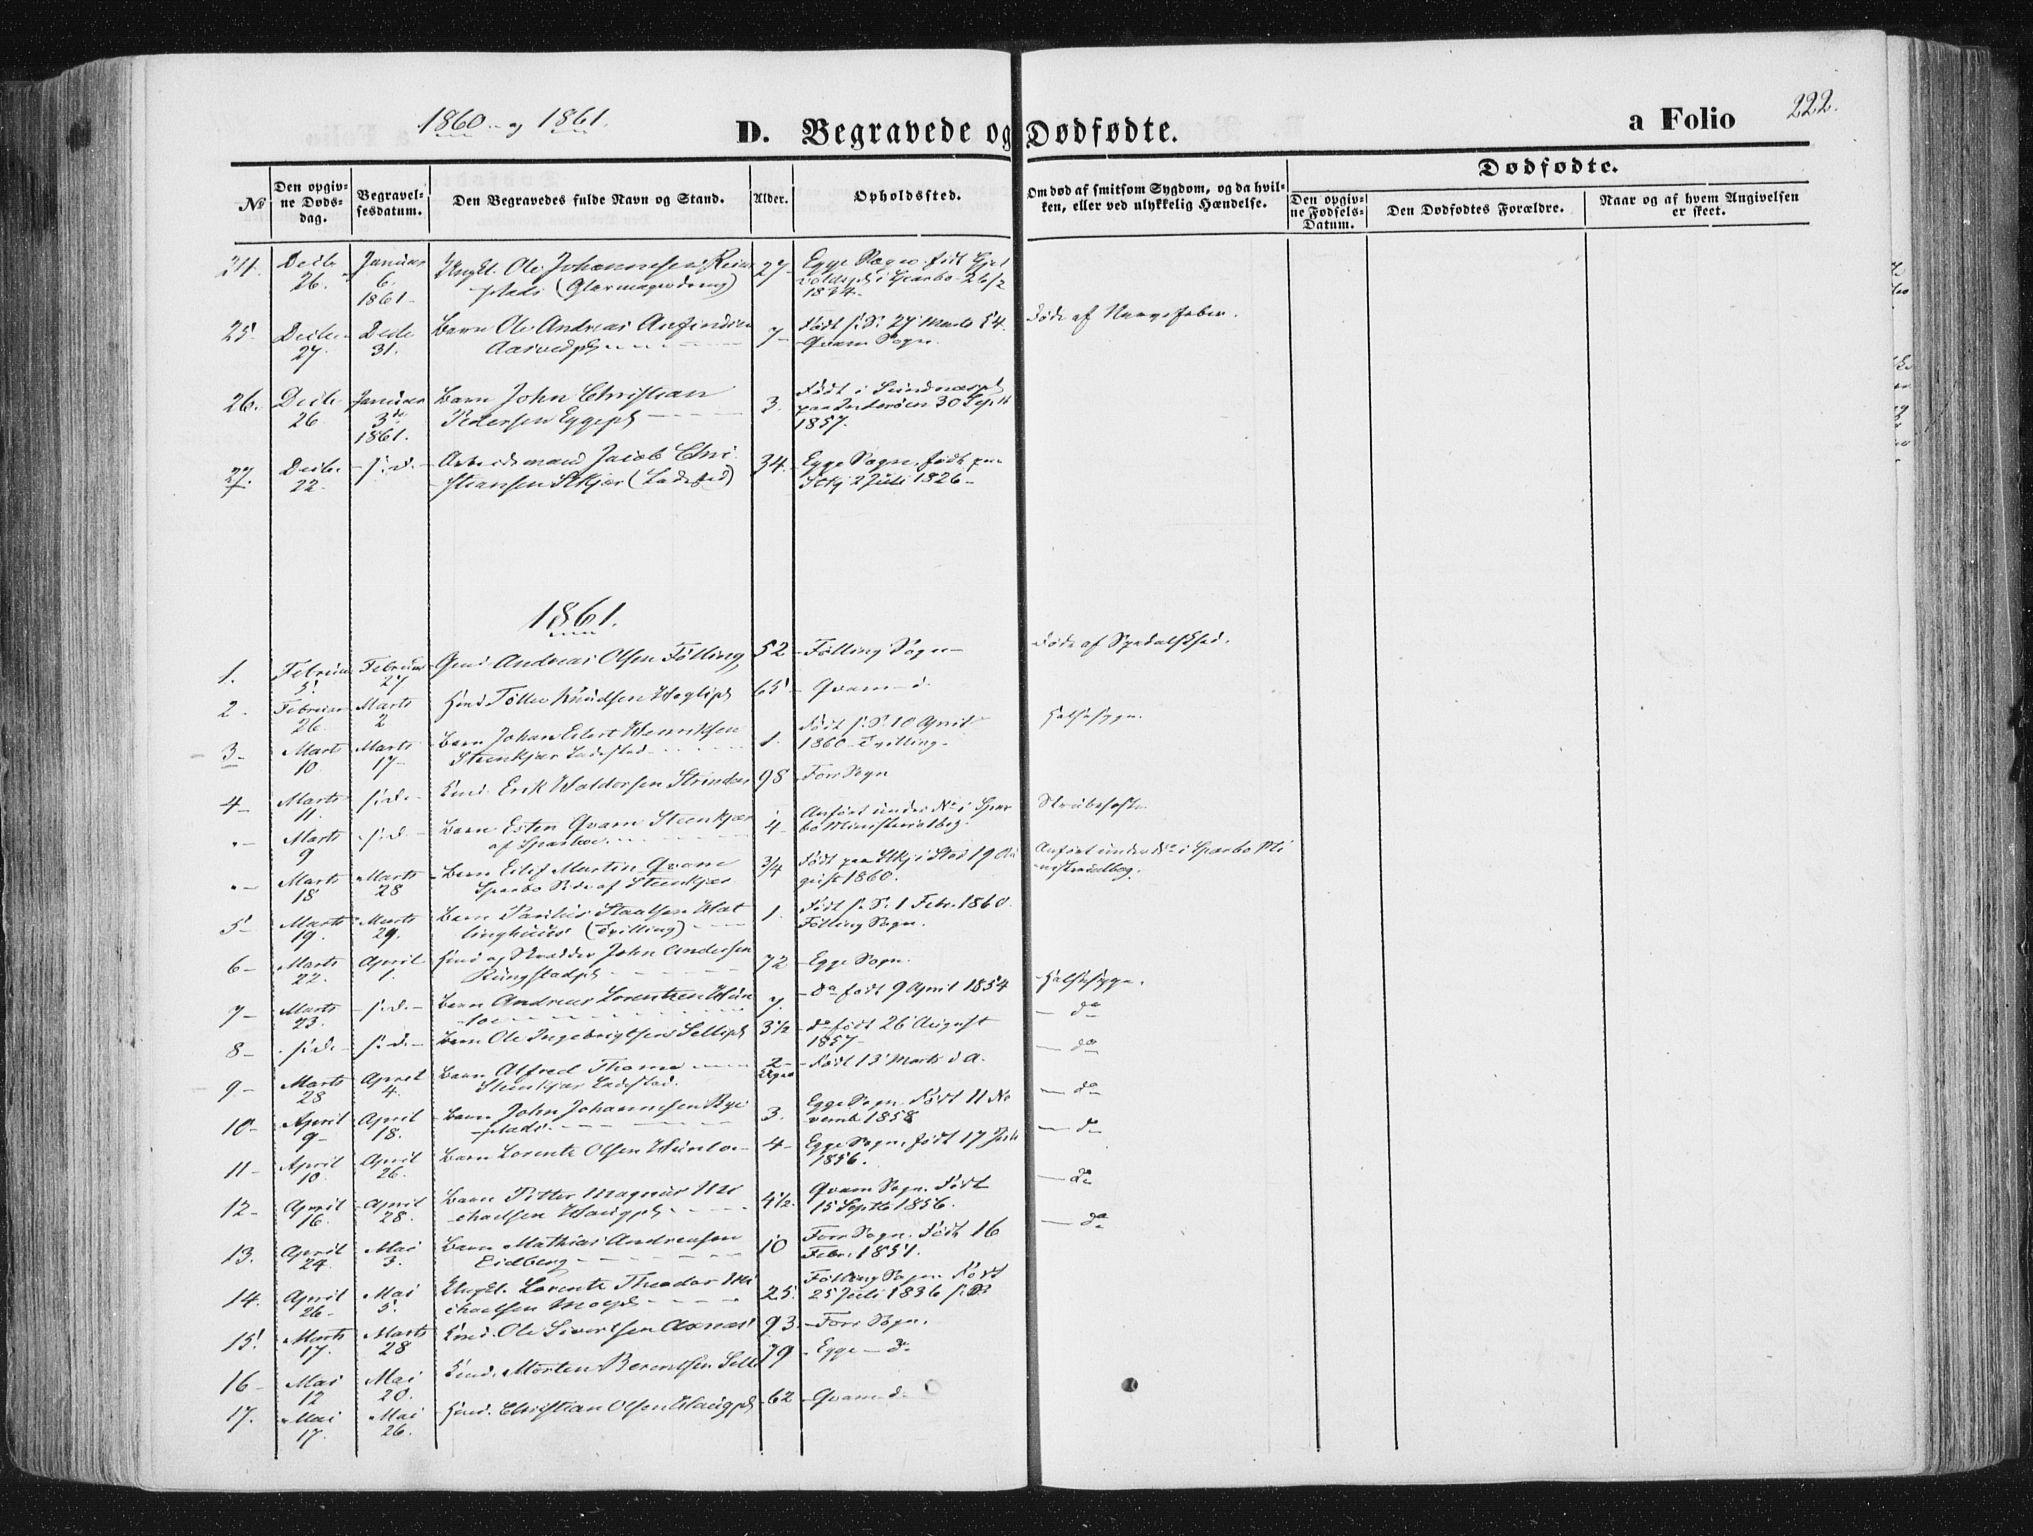 SAT, Ministerialprotokoller, klokkerbøker og fødselsregistre - Nord-Trøndelag, 746/L0447: Ministerialbok nr. 746A06, 1860-1877, s. 222